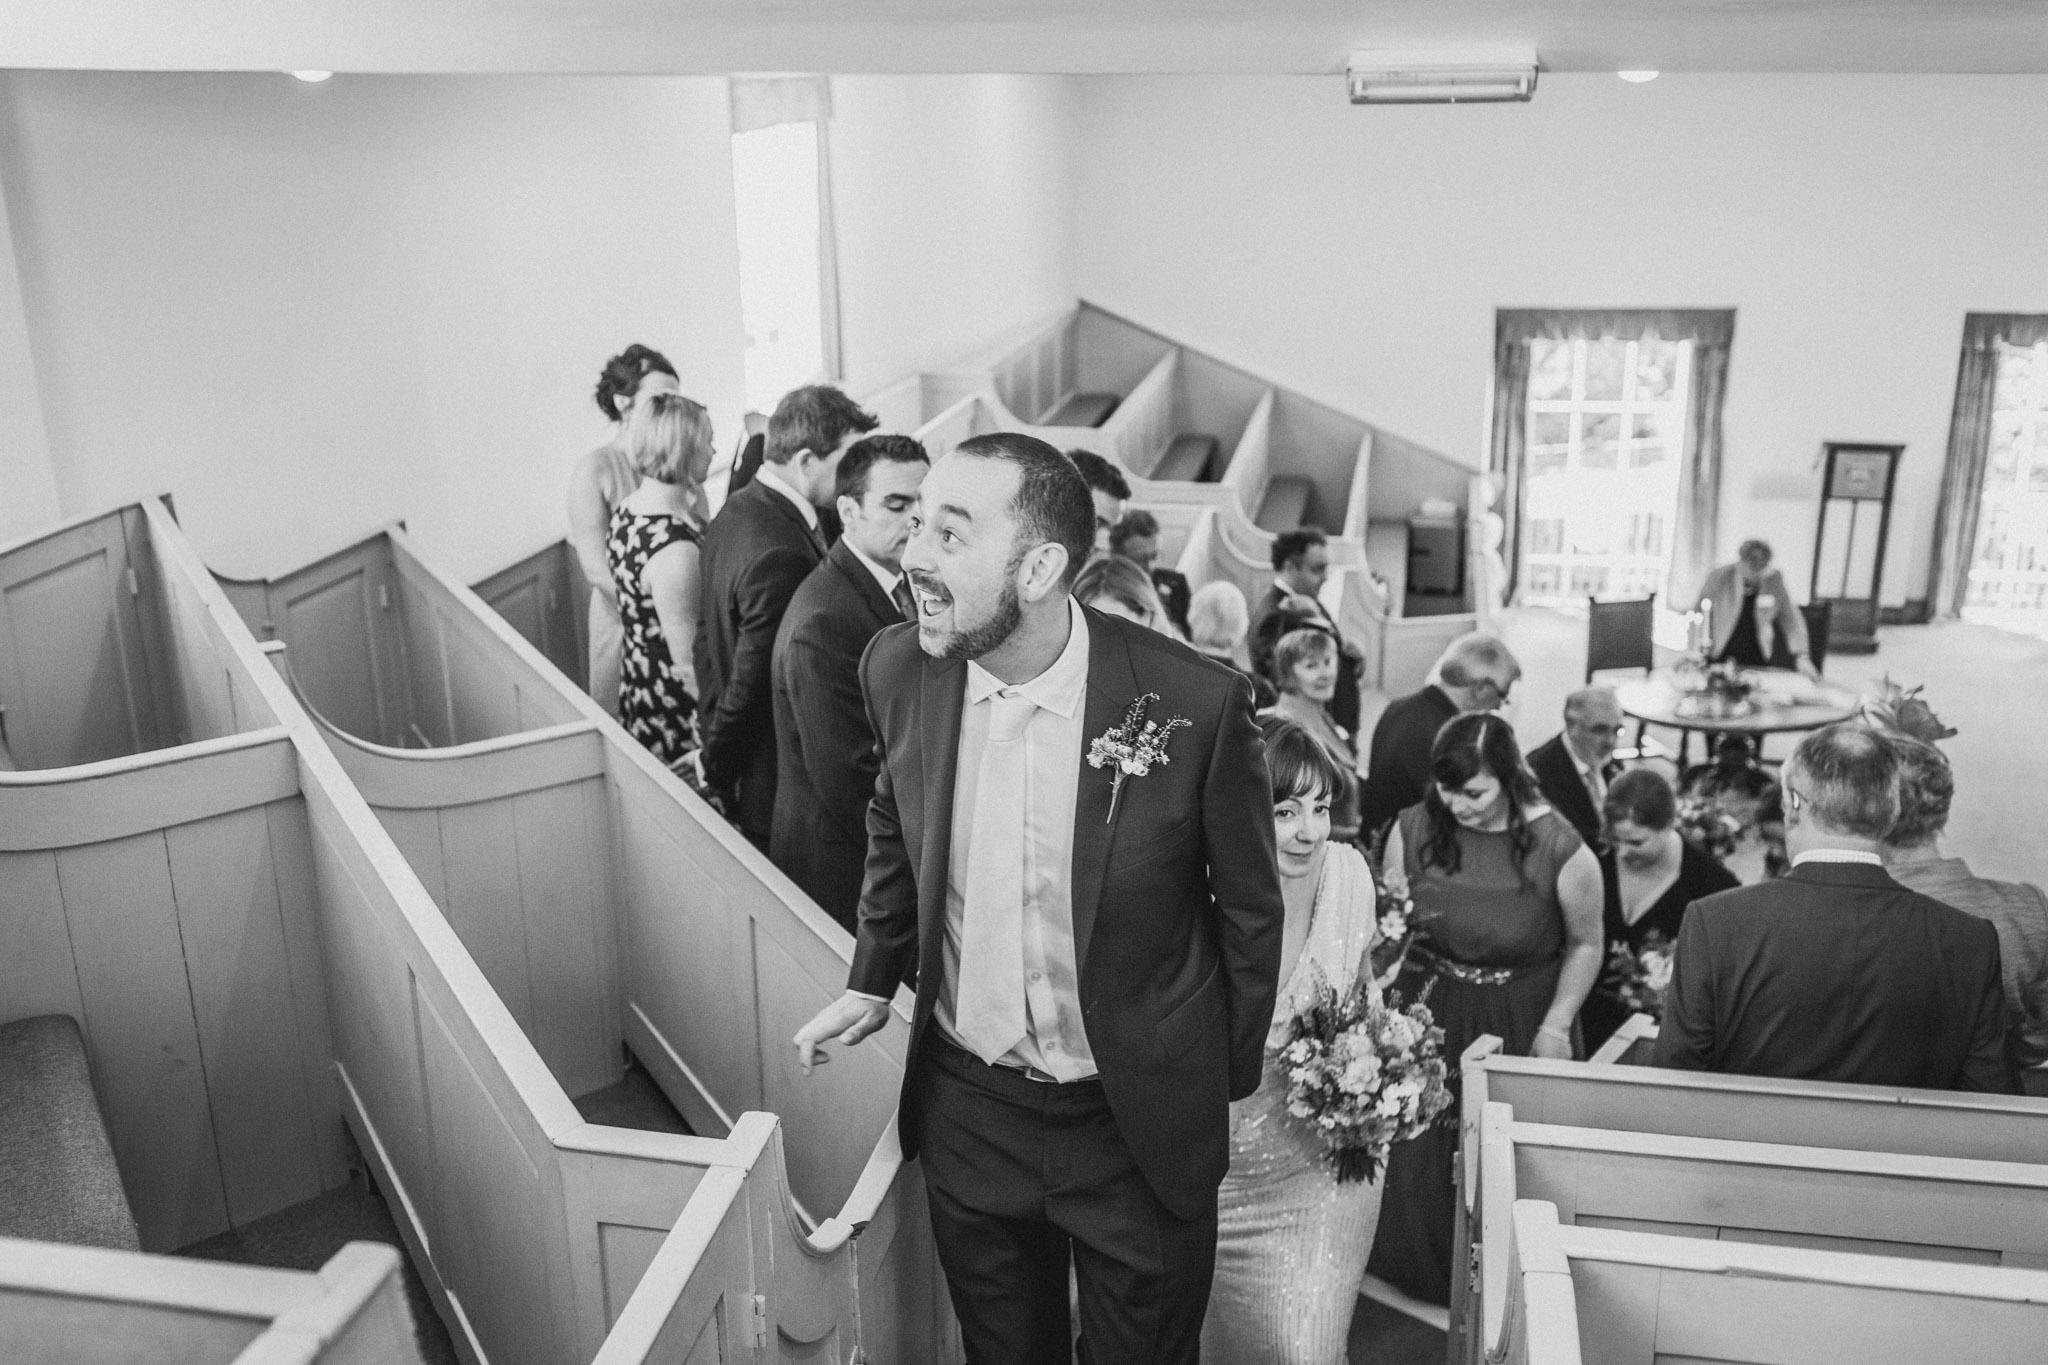 wedding_robin_hoods_bay_whitby_030.jpg